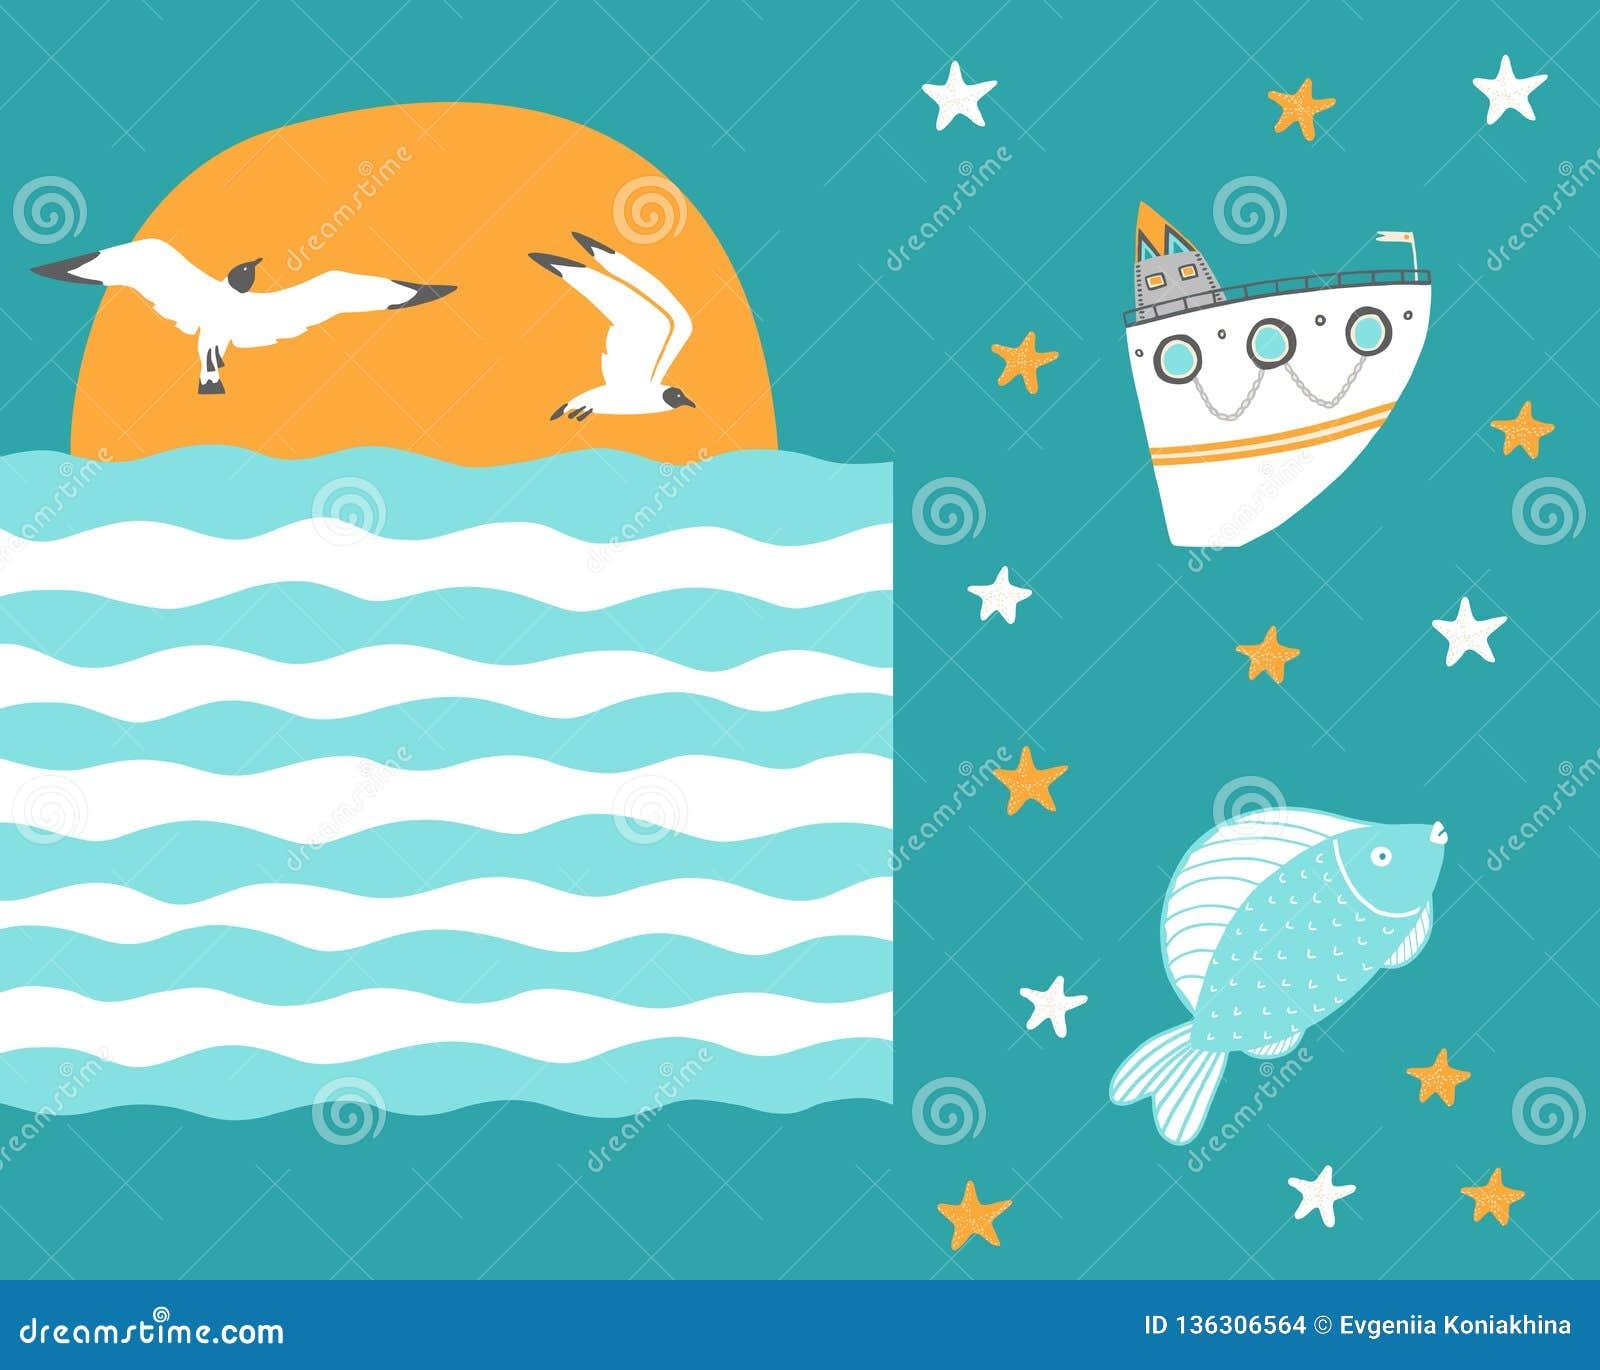 Meeuwenvlieg bij zonsondergang met het schip en de vissen